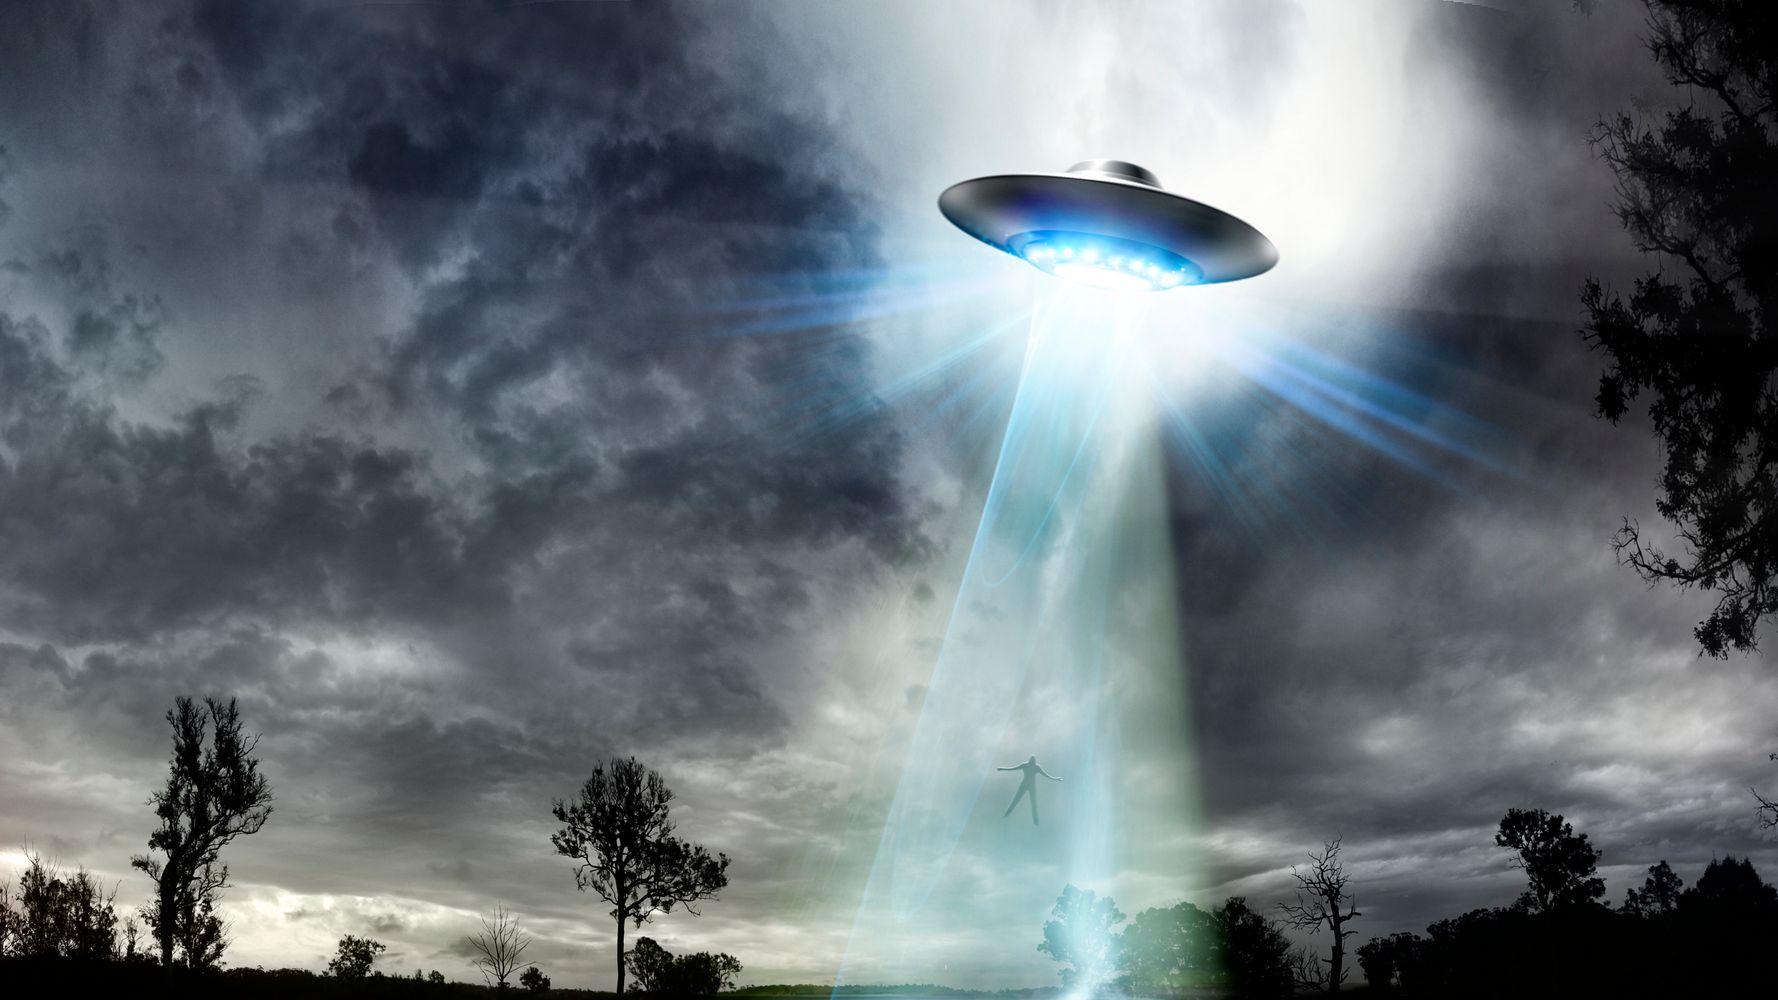 Εξωγήινοι στη Γη: Η NASA δεν «πιστεύει» το Πεντάγωνο-Νέες έρευνες για UFΟ (βίντεο)